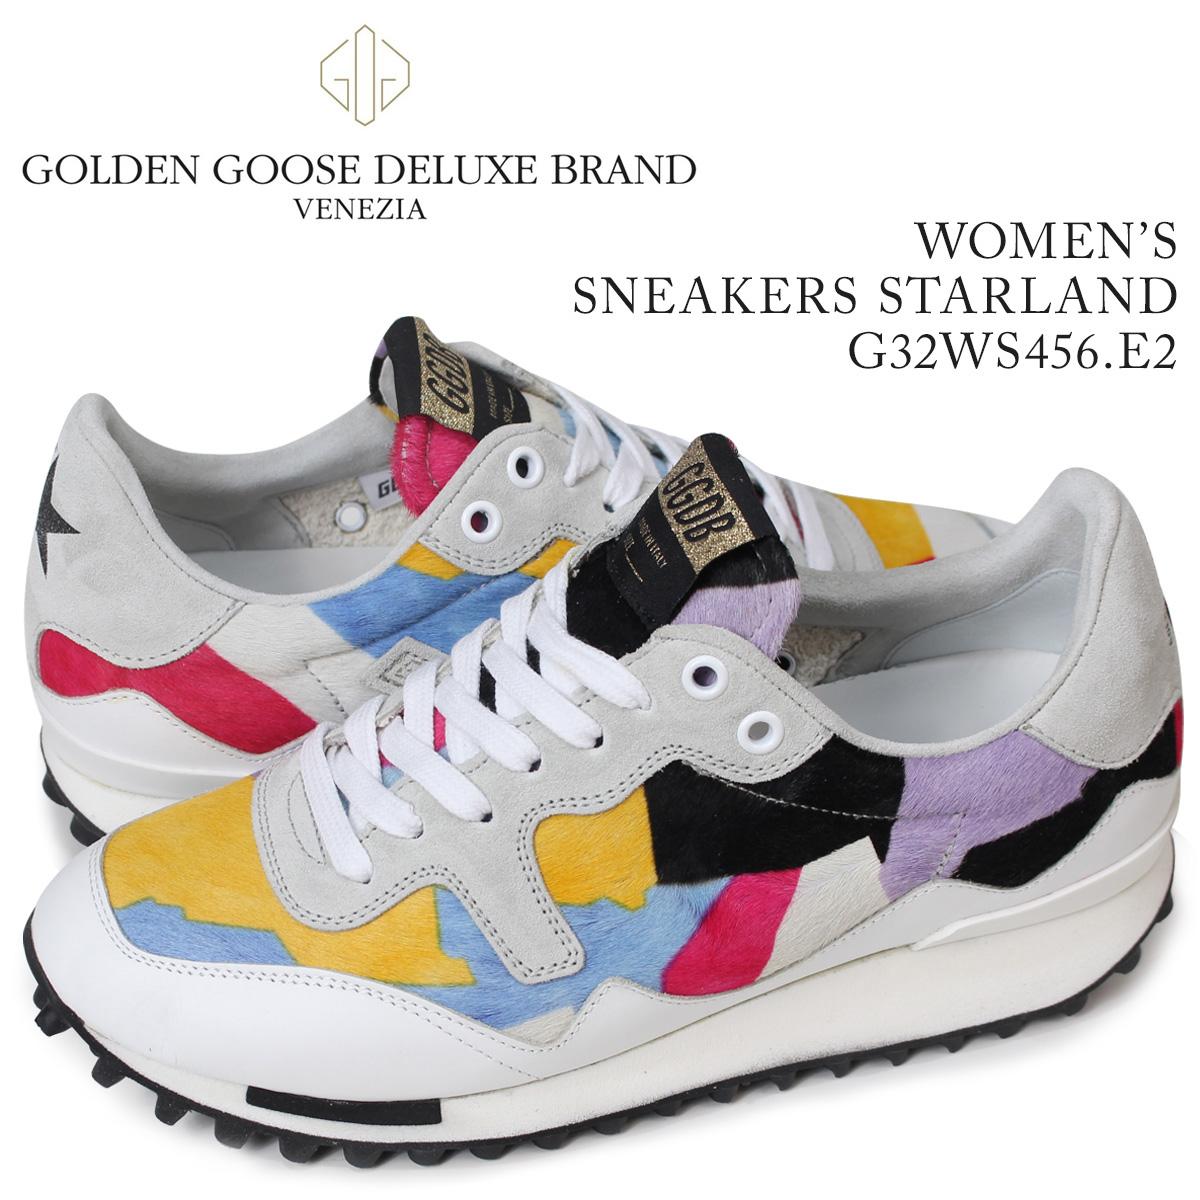 ゴールデングース Golden Goose スニーカー レディース スニーカー ズ スターランド SNEAKERS STARLAND ホワイト G32WS456 E2